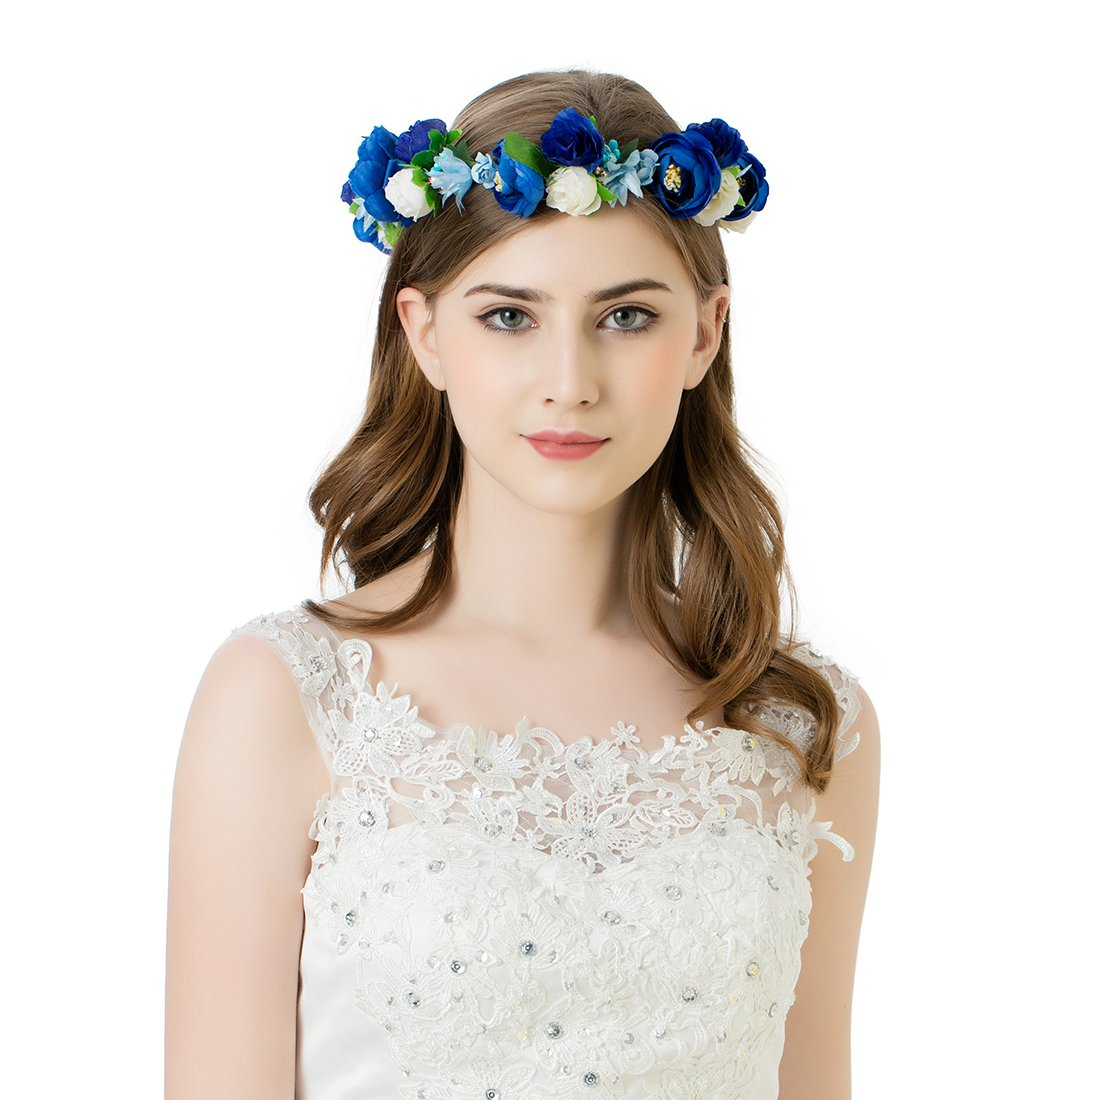 Amazon bridal flower crown floral crown wedding wreath boho awaytr flower wreath headband crown floral garland for festival wedding dark blueroyal bluewhite izmirmasajfo